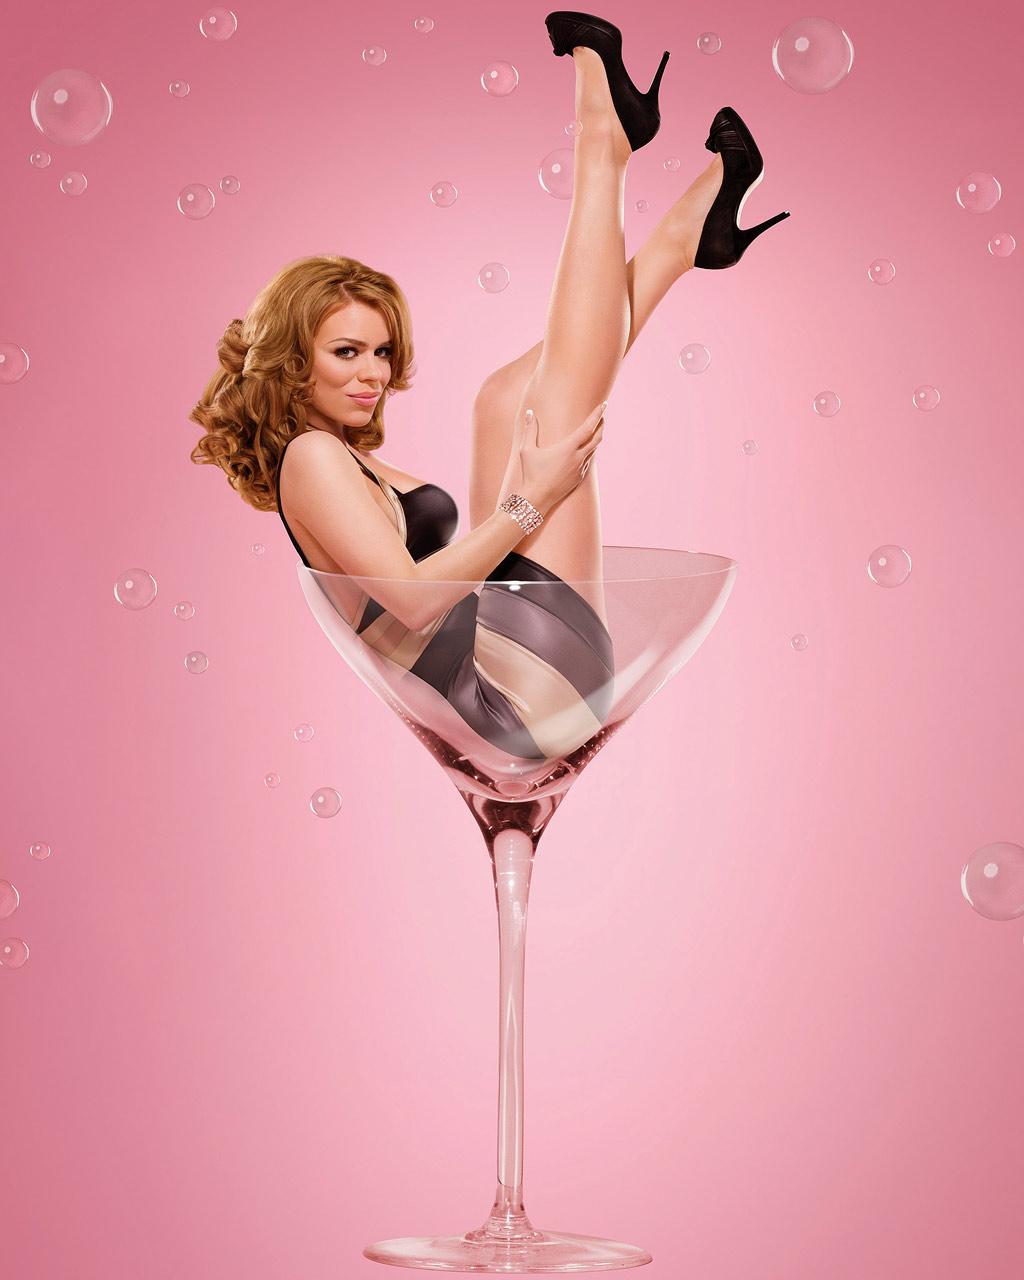 http://4.bp.blogspot.com/_KxFlNKLW7Mk/S9tIDhqcbiI/AAAAAAAAAcI/Tcaymc9X7i0/s1600/martini-glass-billie-piper.jpg